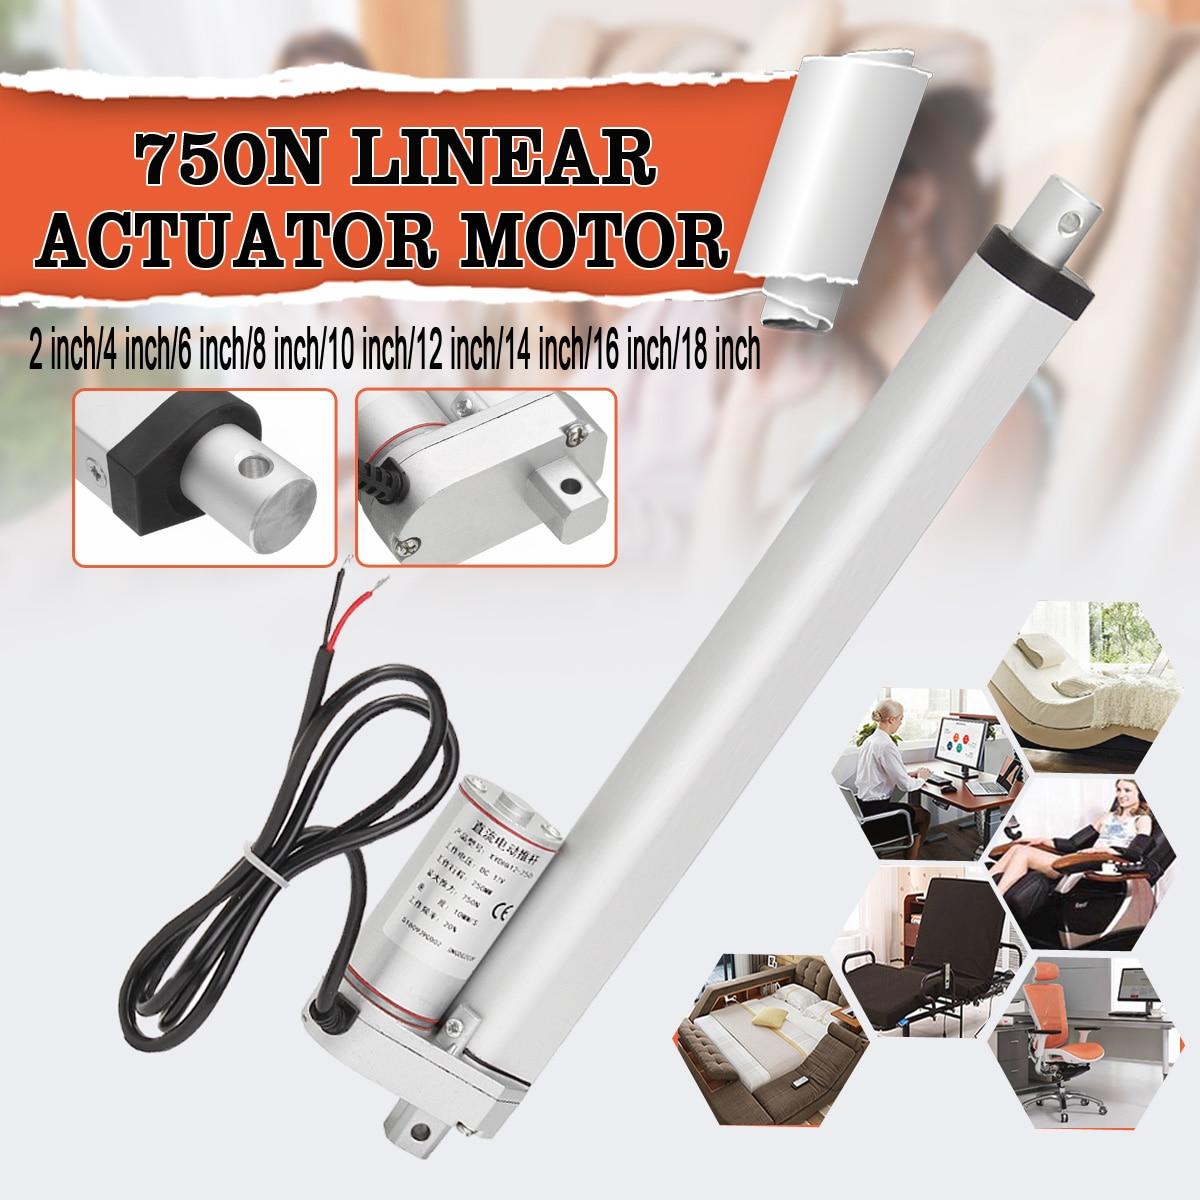 DC12V 2-18 Linear Actuator door Opener Motor Heavy max. Lift 160 Lbs 750NDC12V 2-18 Linear Actuator door Opener Motor Heavy max. Lift 160 Lbs 750N